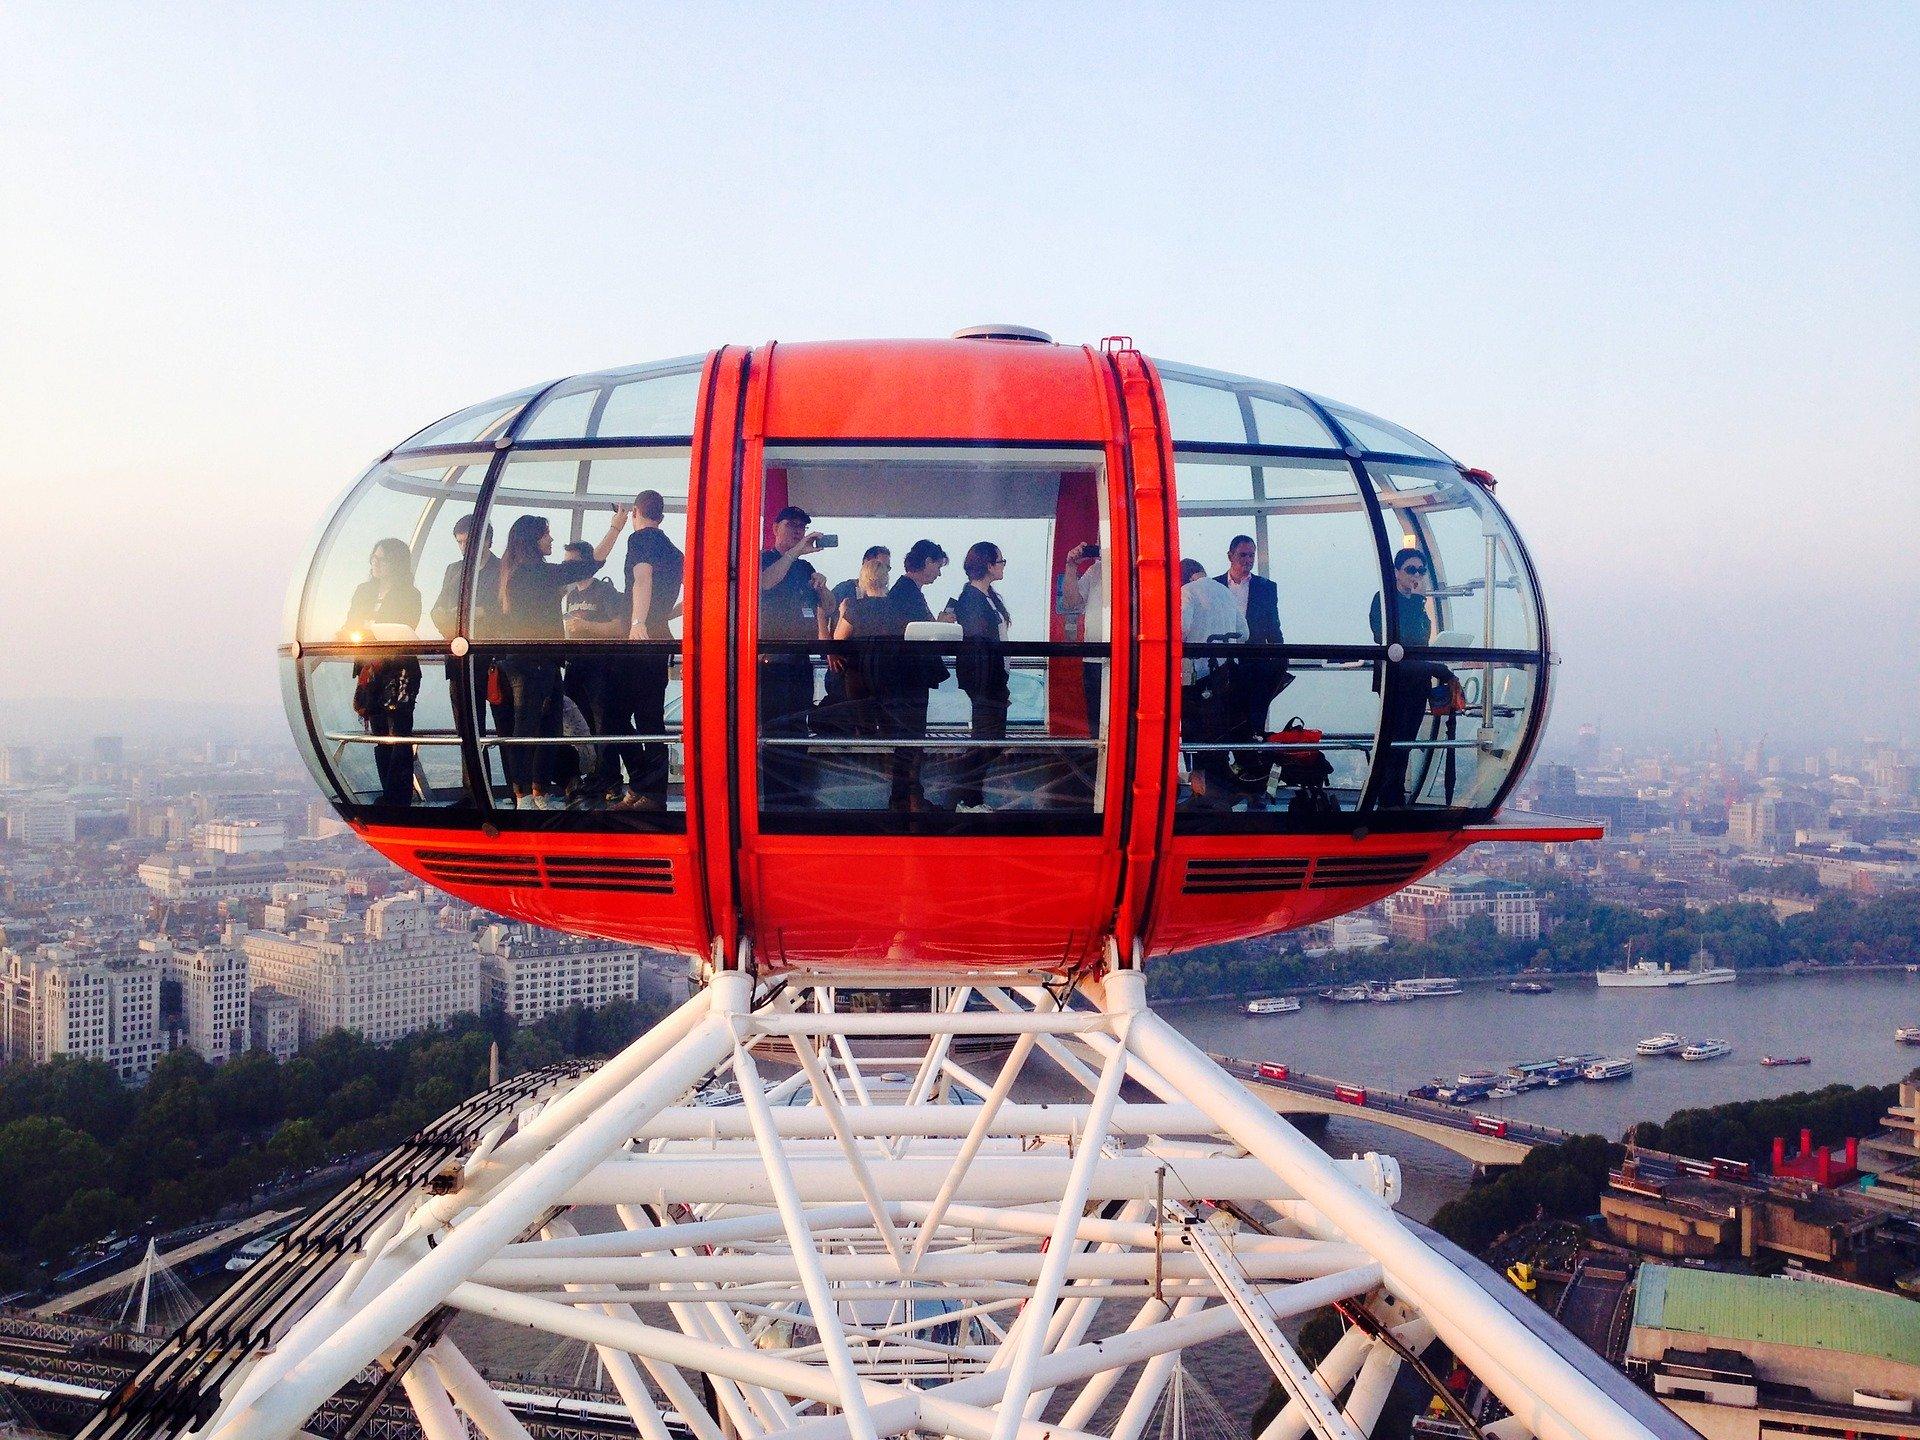 Auf dem London Eye die Stadt von einer anderen perspektive besichtigen